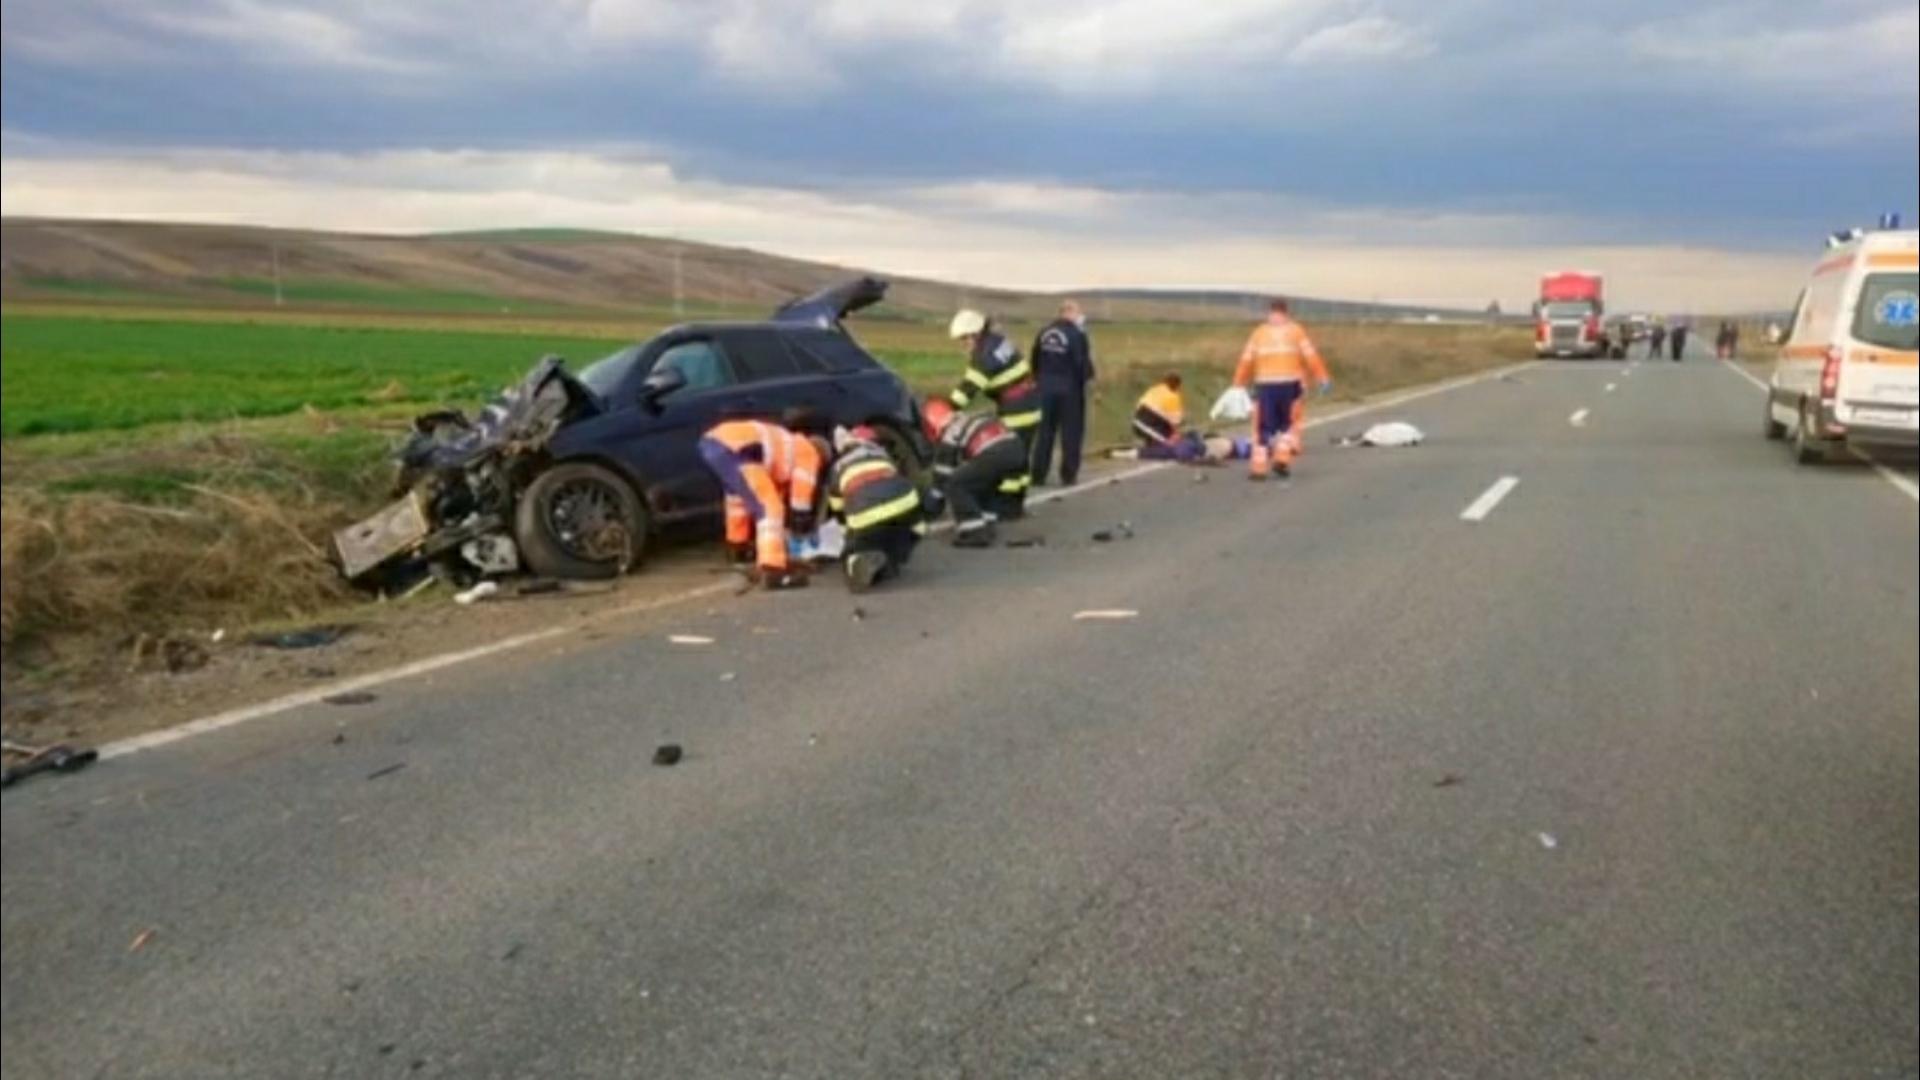 Foto | Accident mortal în Vaslui: căruță spulberată de un autoturism! 4 persoane au murit